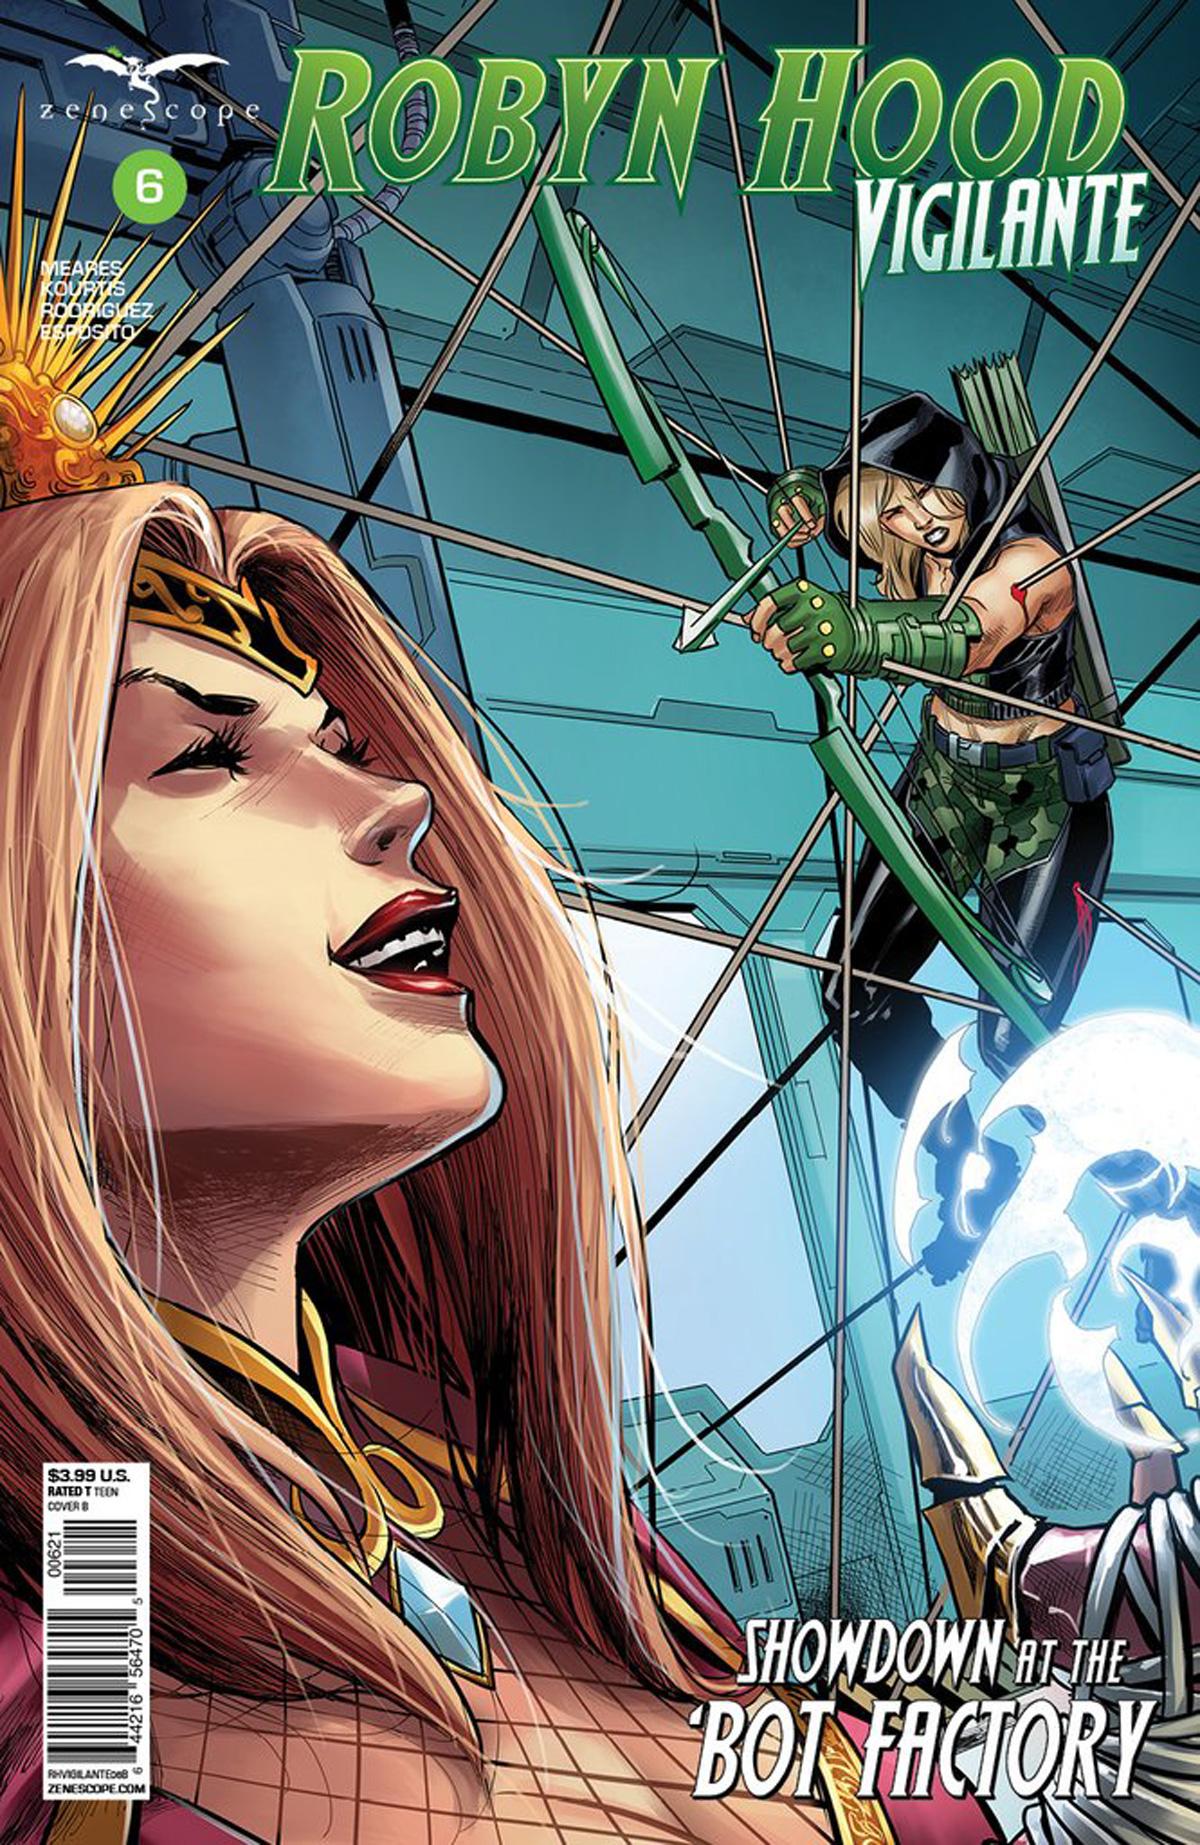 Grimm Fairy Tales Presents Robyn Hood Vigilante #6 Cover B Martin Coccolo